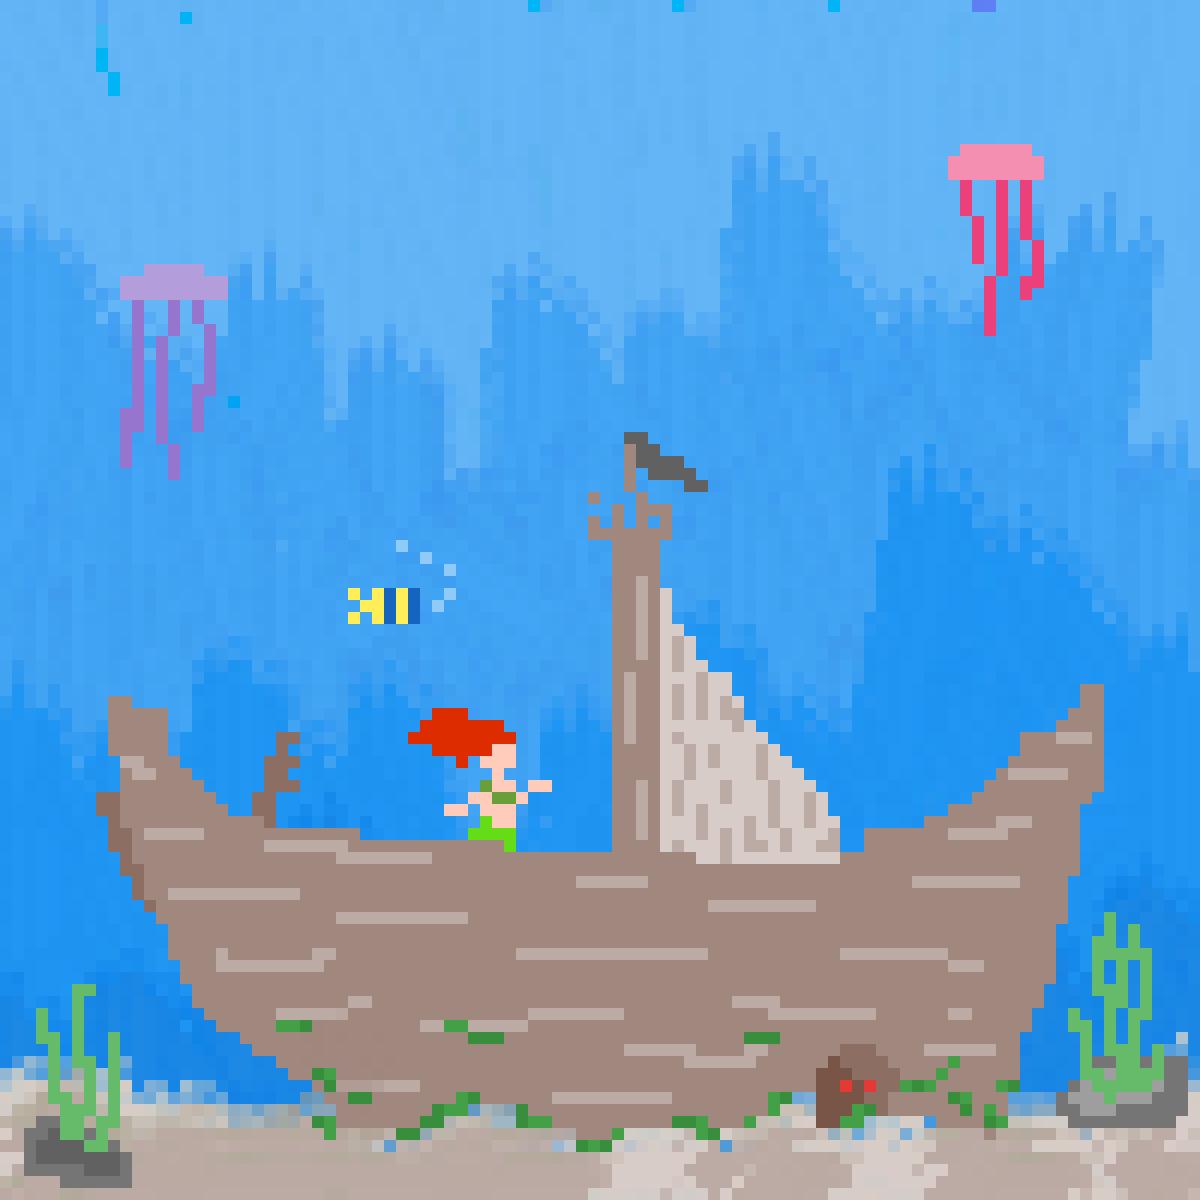 ShipWreck by MistyTail